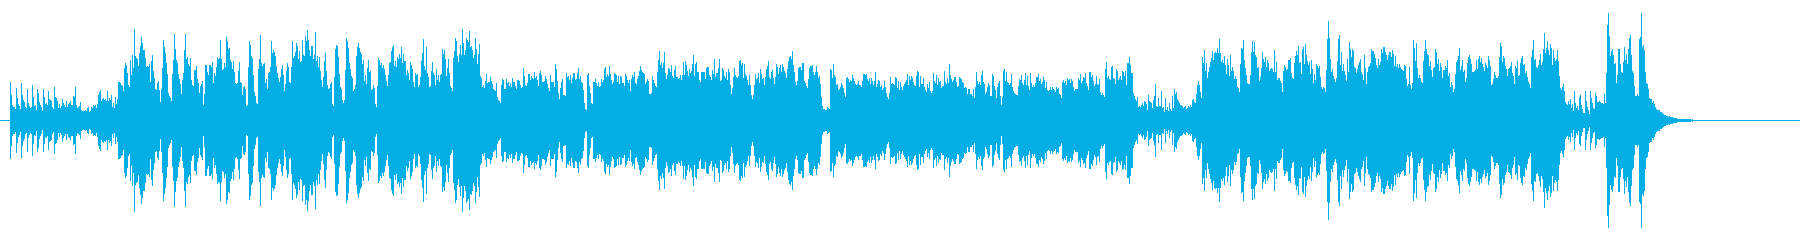 ハロウィンに合うコミカルホラーなBGMの再生済みの波形